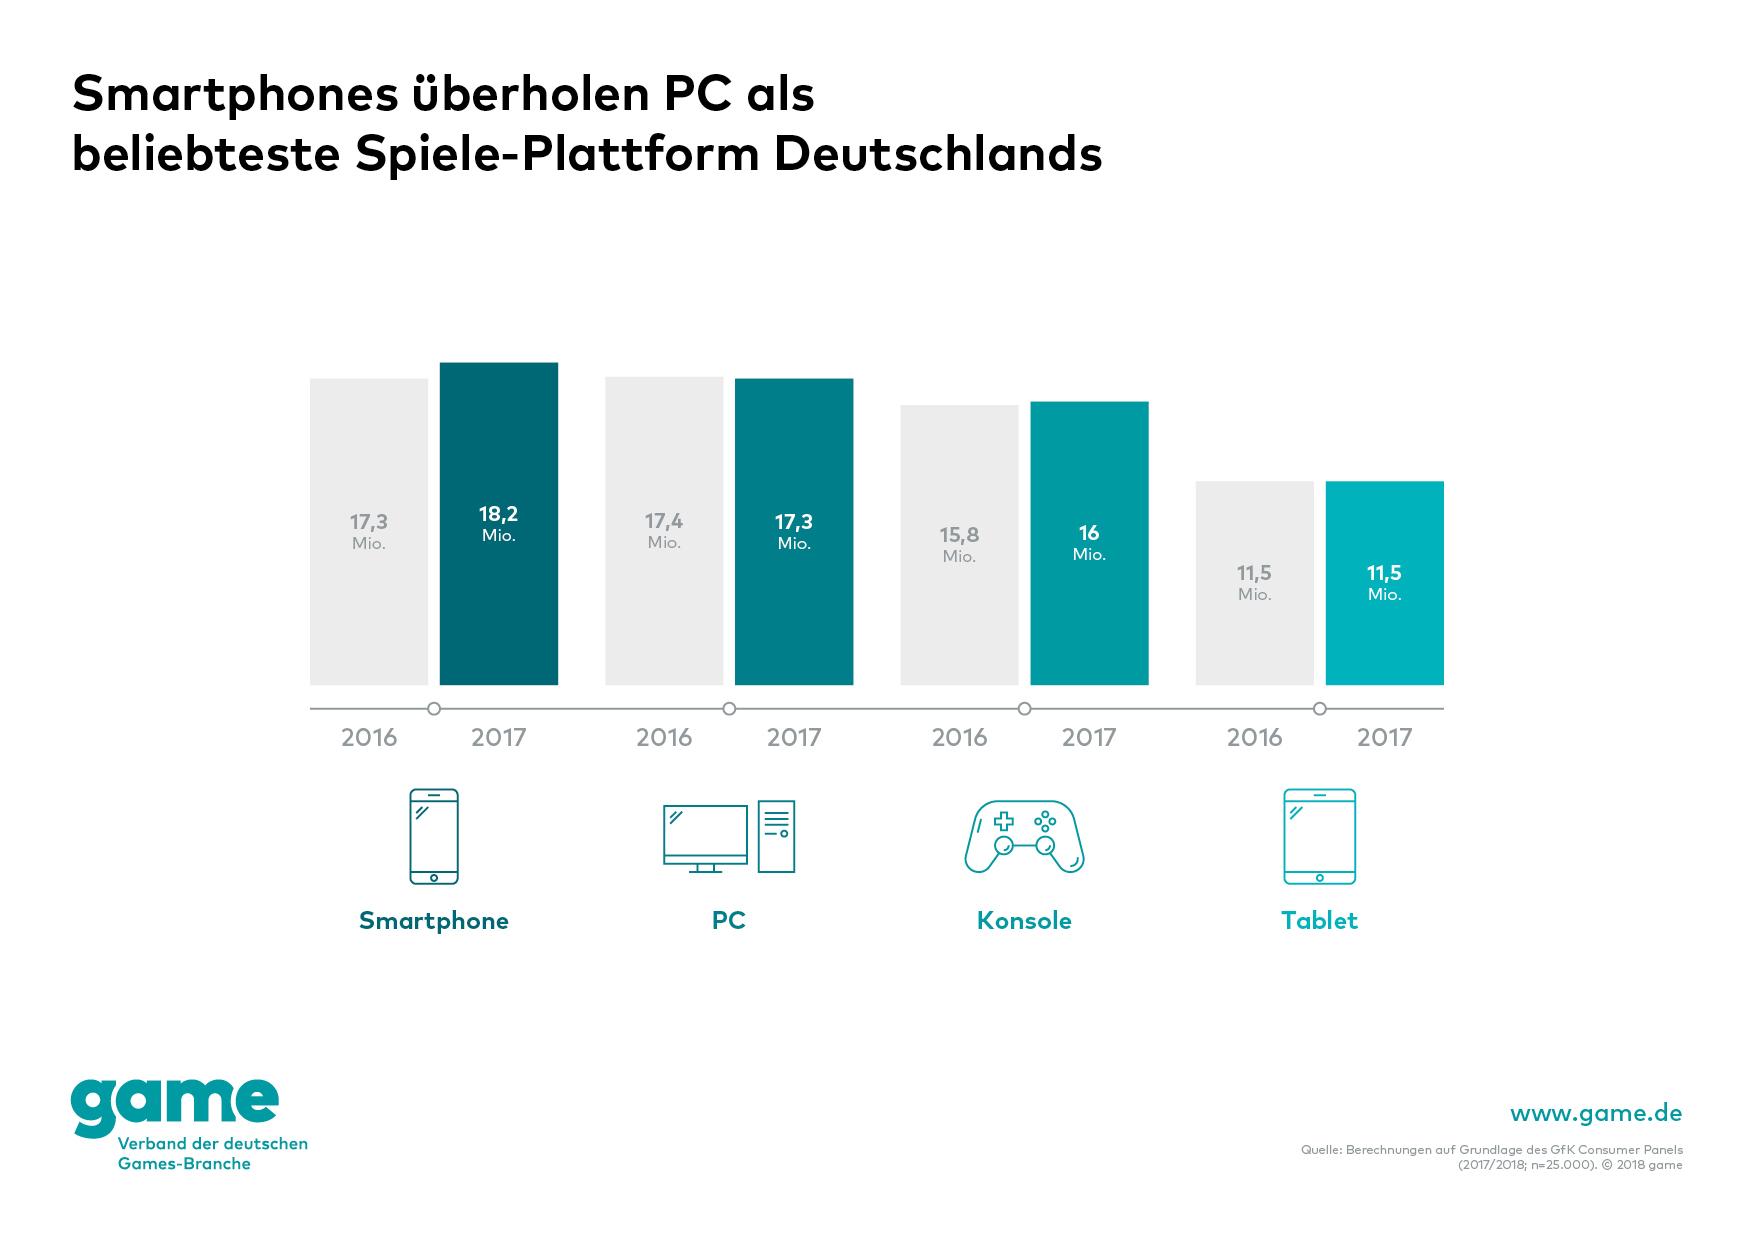 game_Smartphones überholen PC als beliebteste Spiele-Plattform Deutschlands